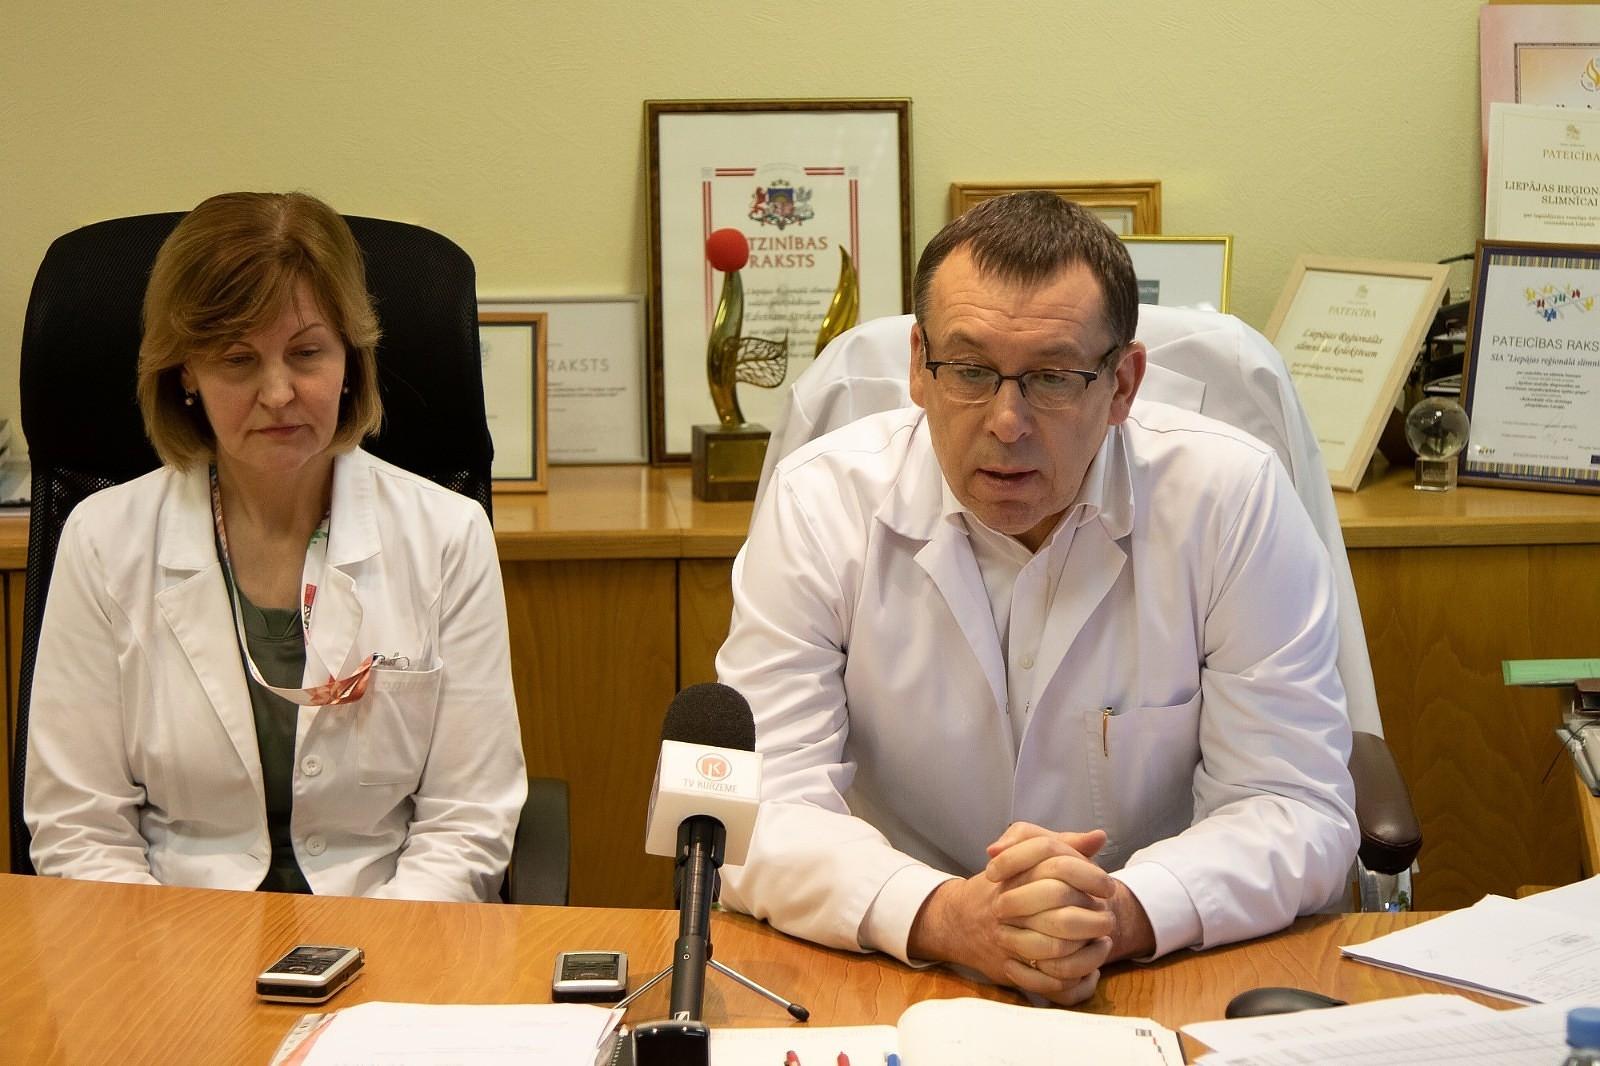 Liepājas slimnīca gatava pārņemt Onkoloģijas klīnikas pakalpojumus